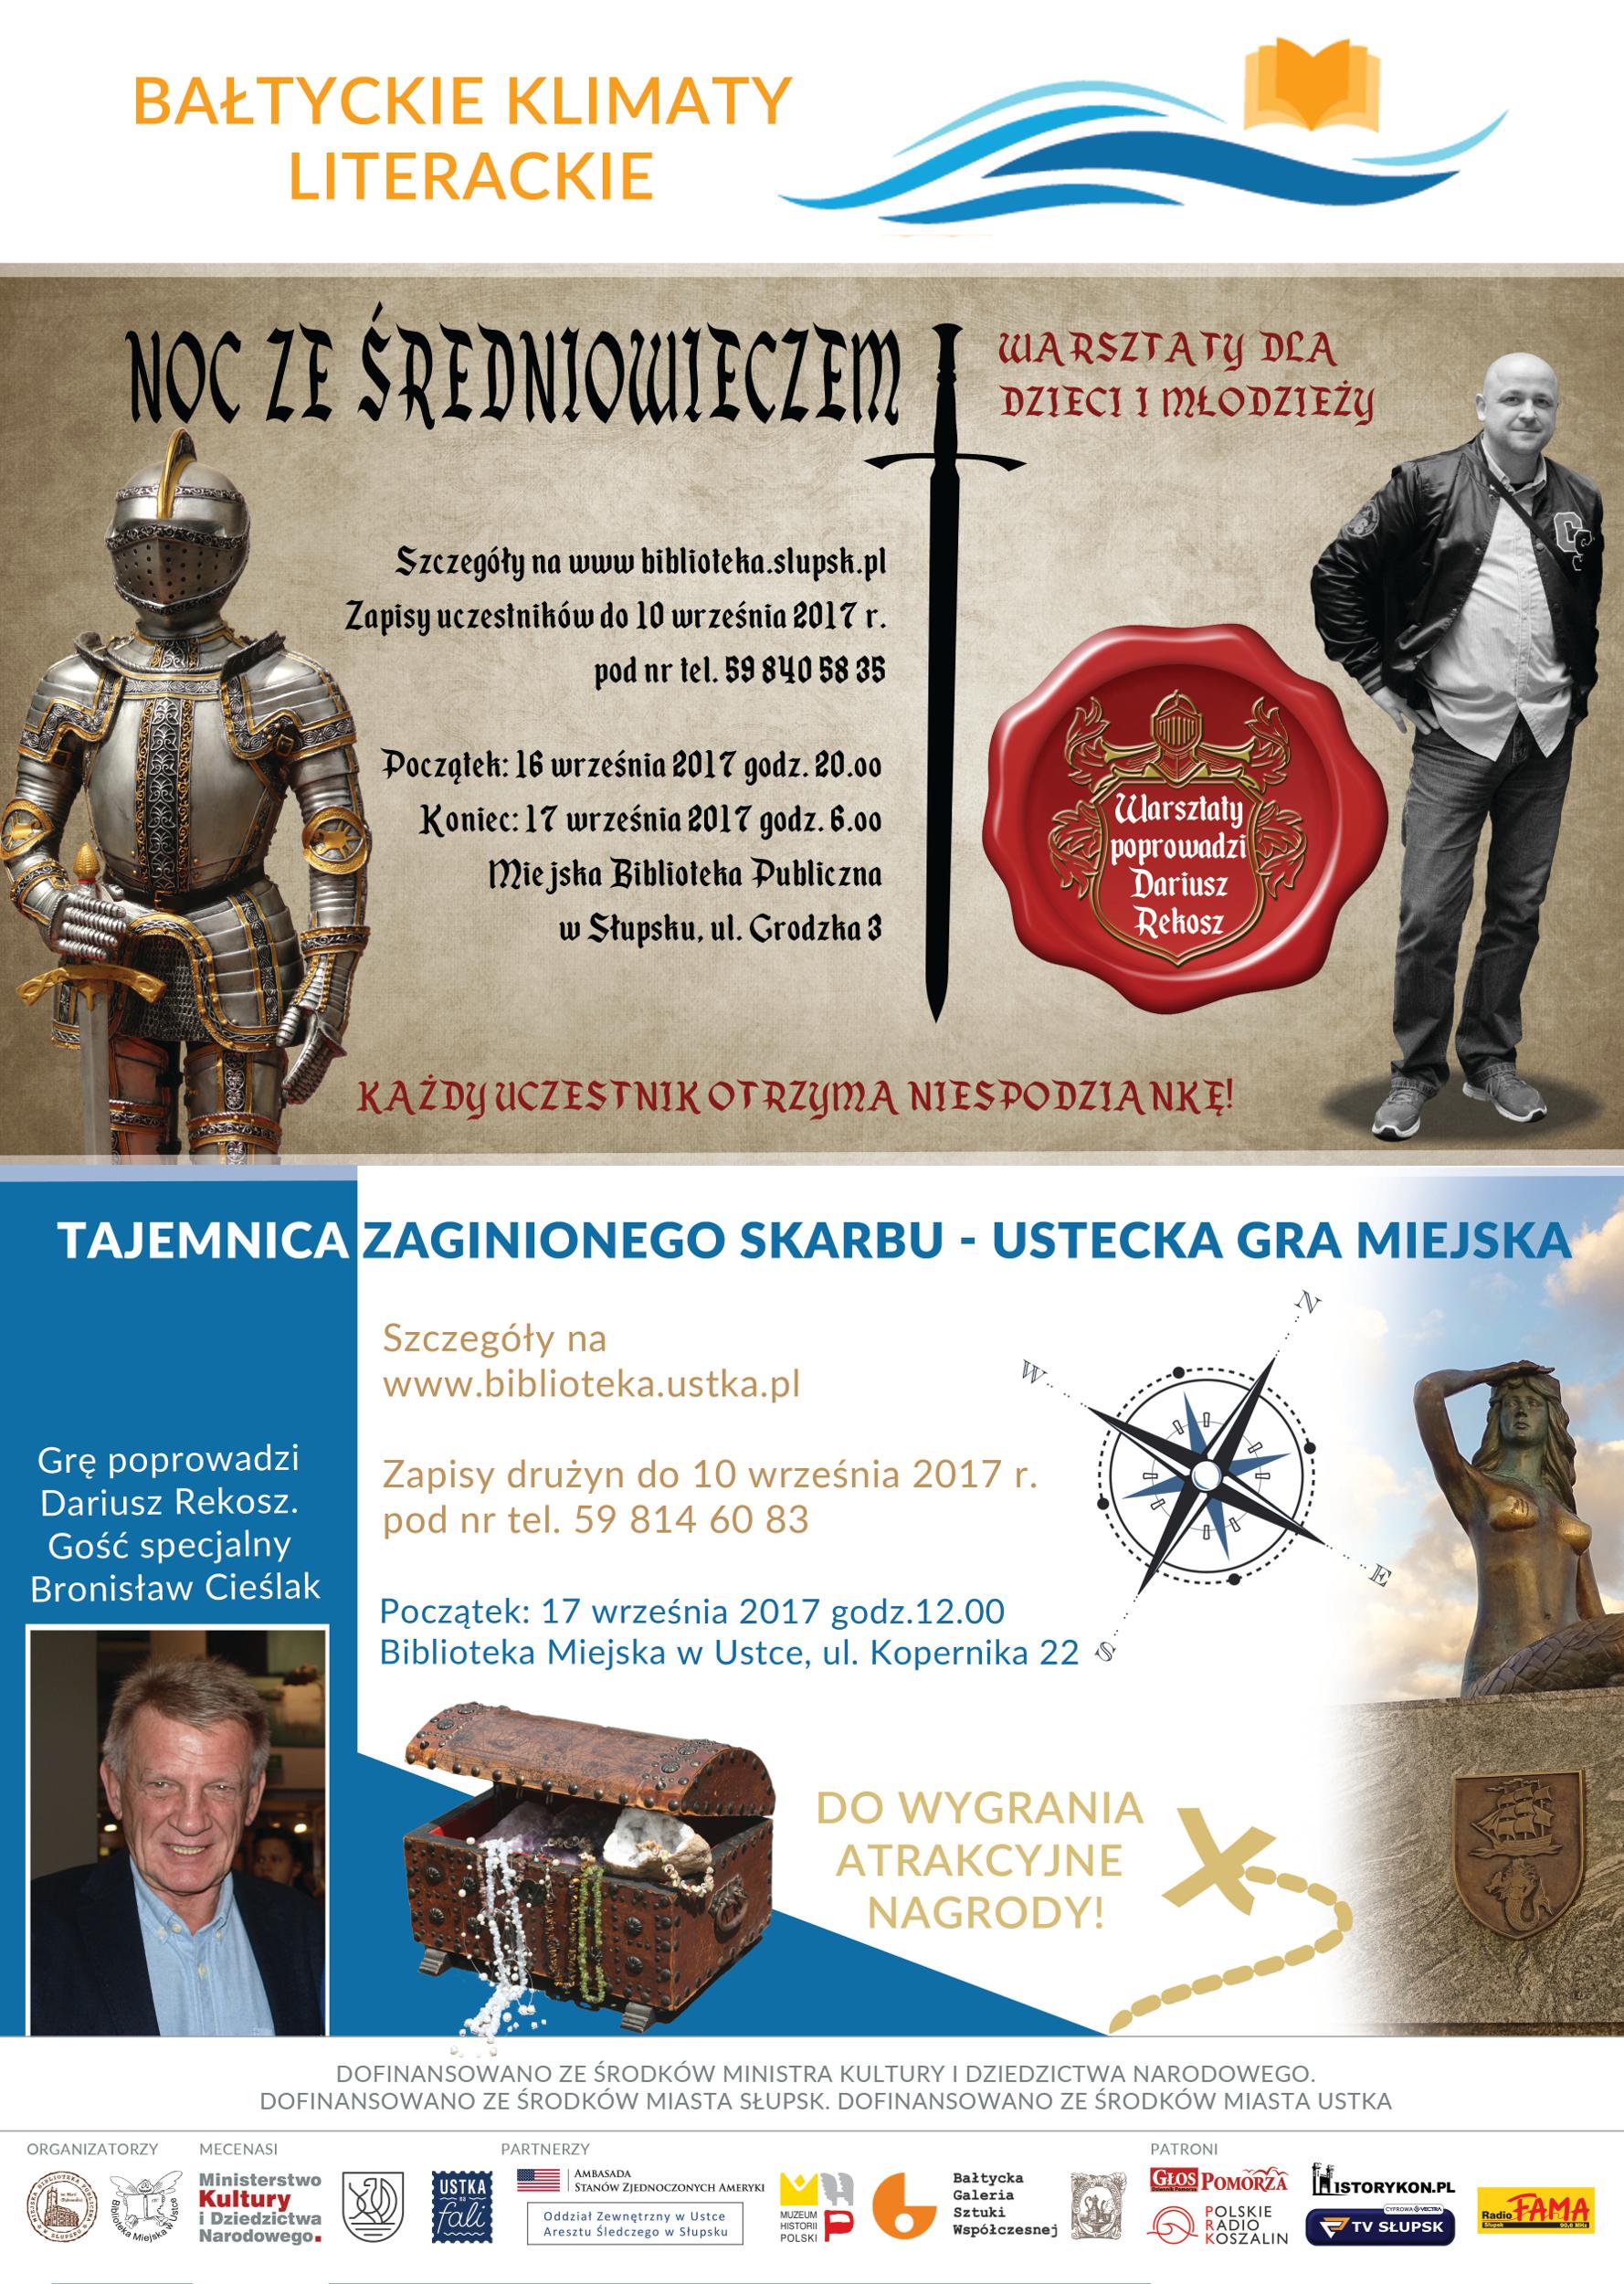 Bałtyckie Klimaty Literackie - plakat warsztatów i gry miejskiej